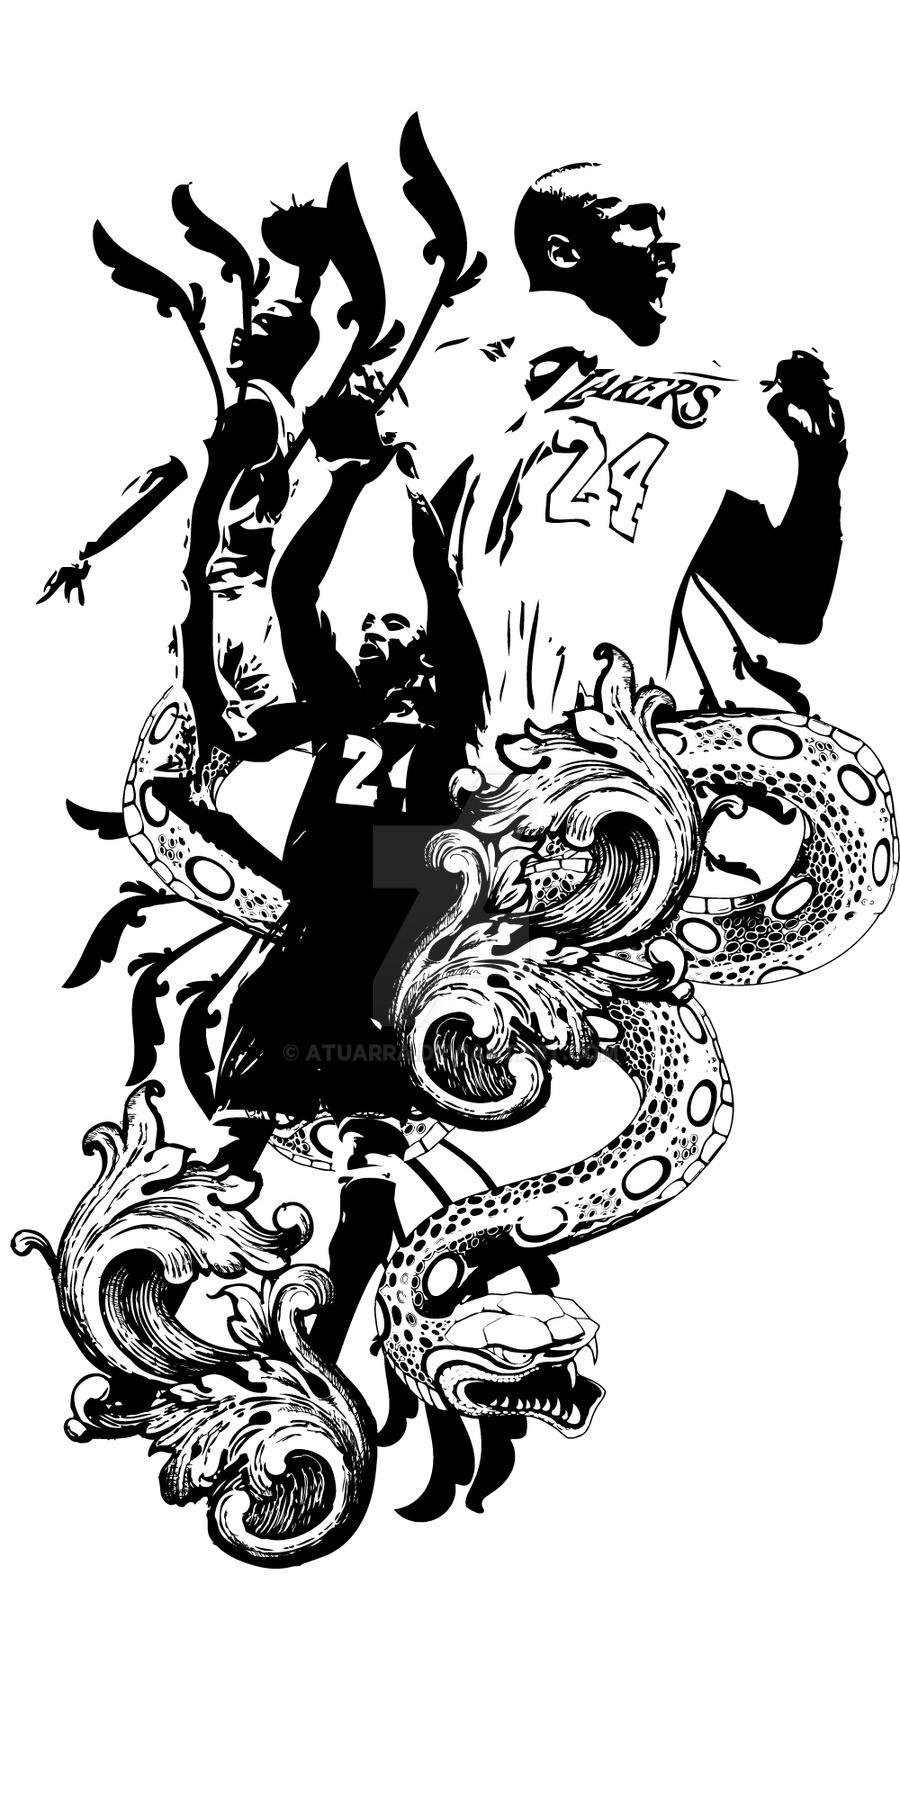 Kobe The Black Mamba By Atuarra